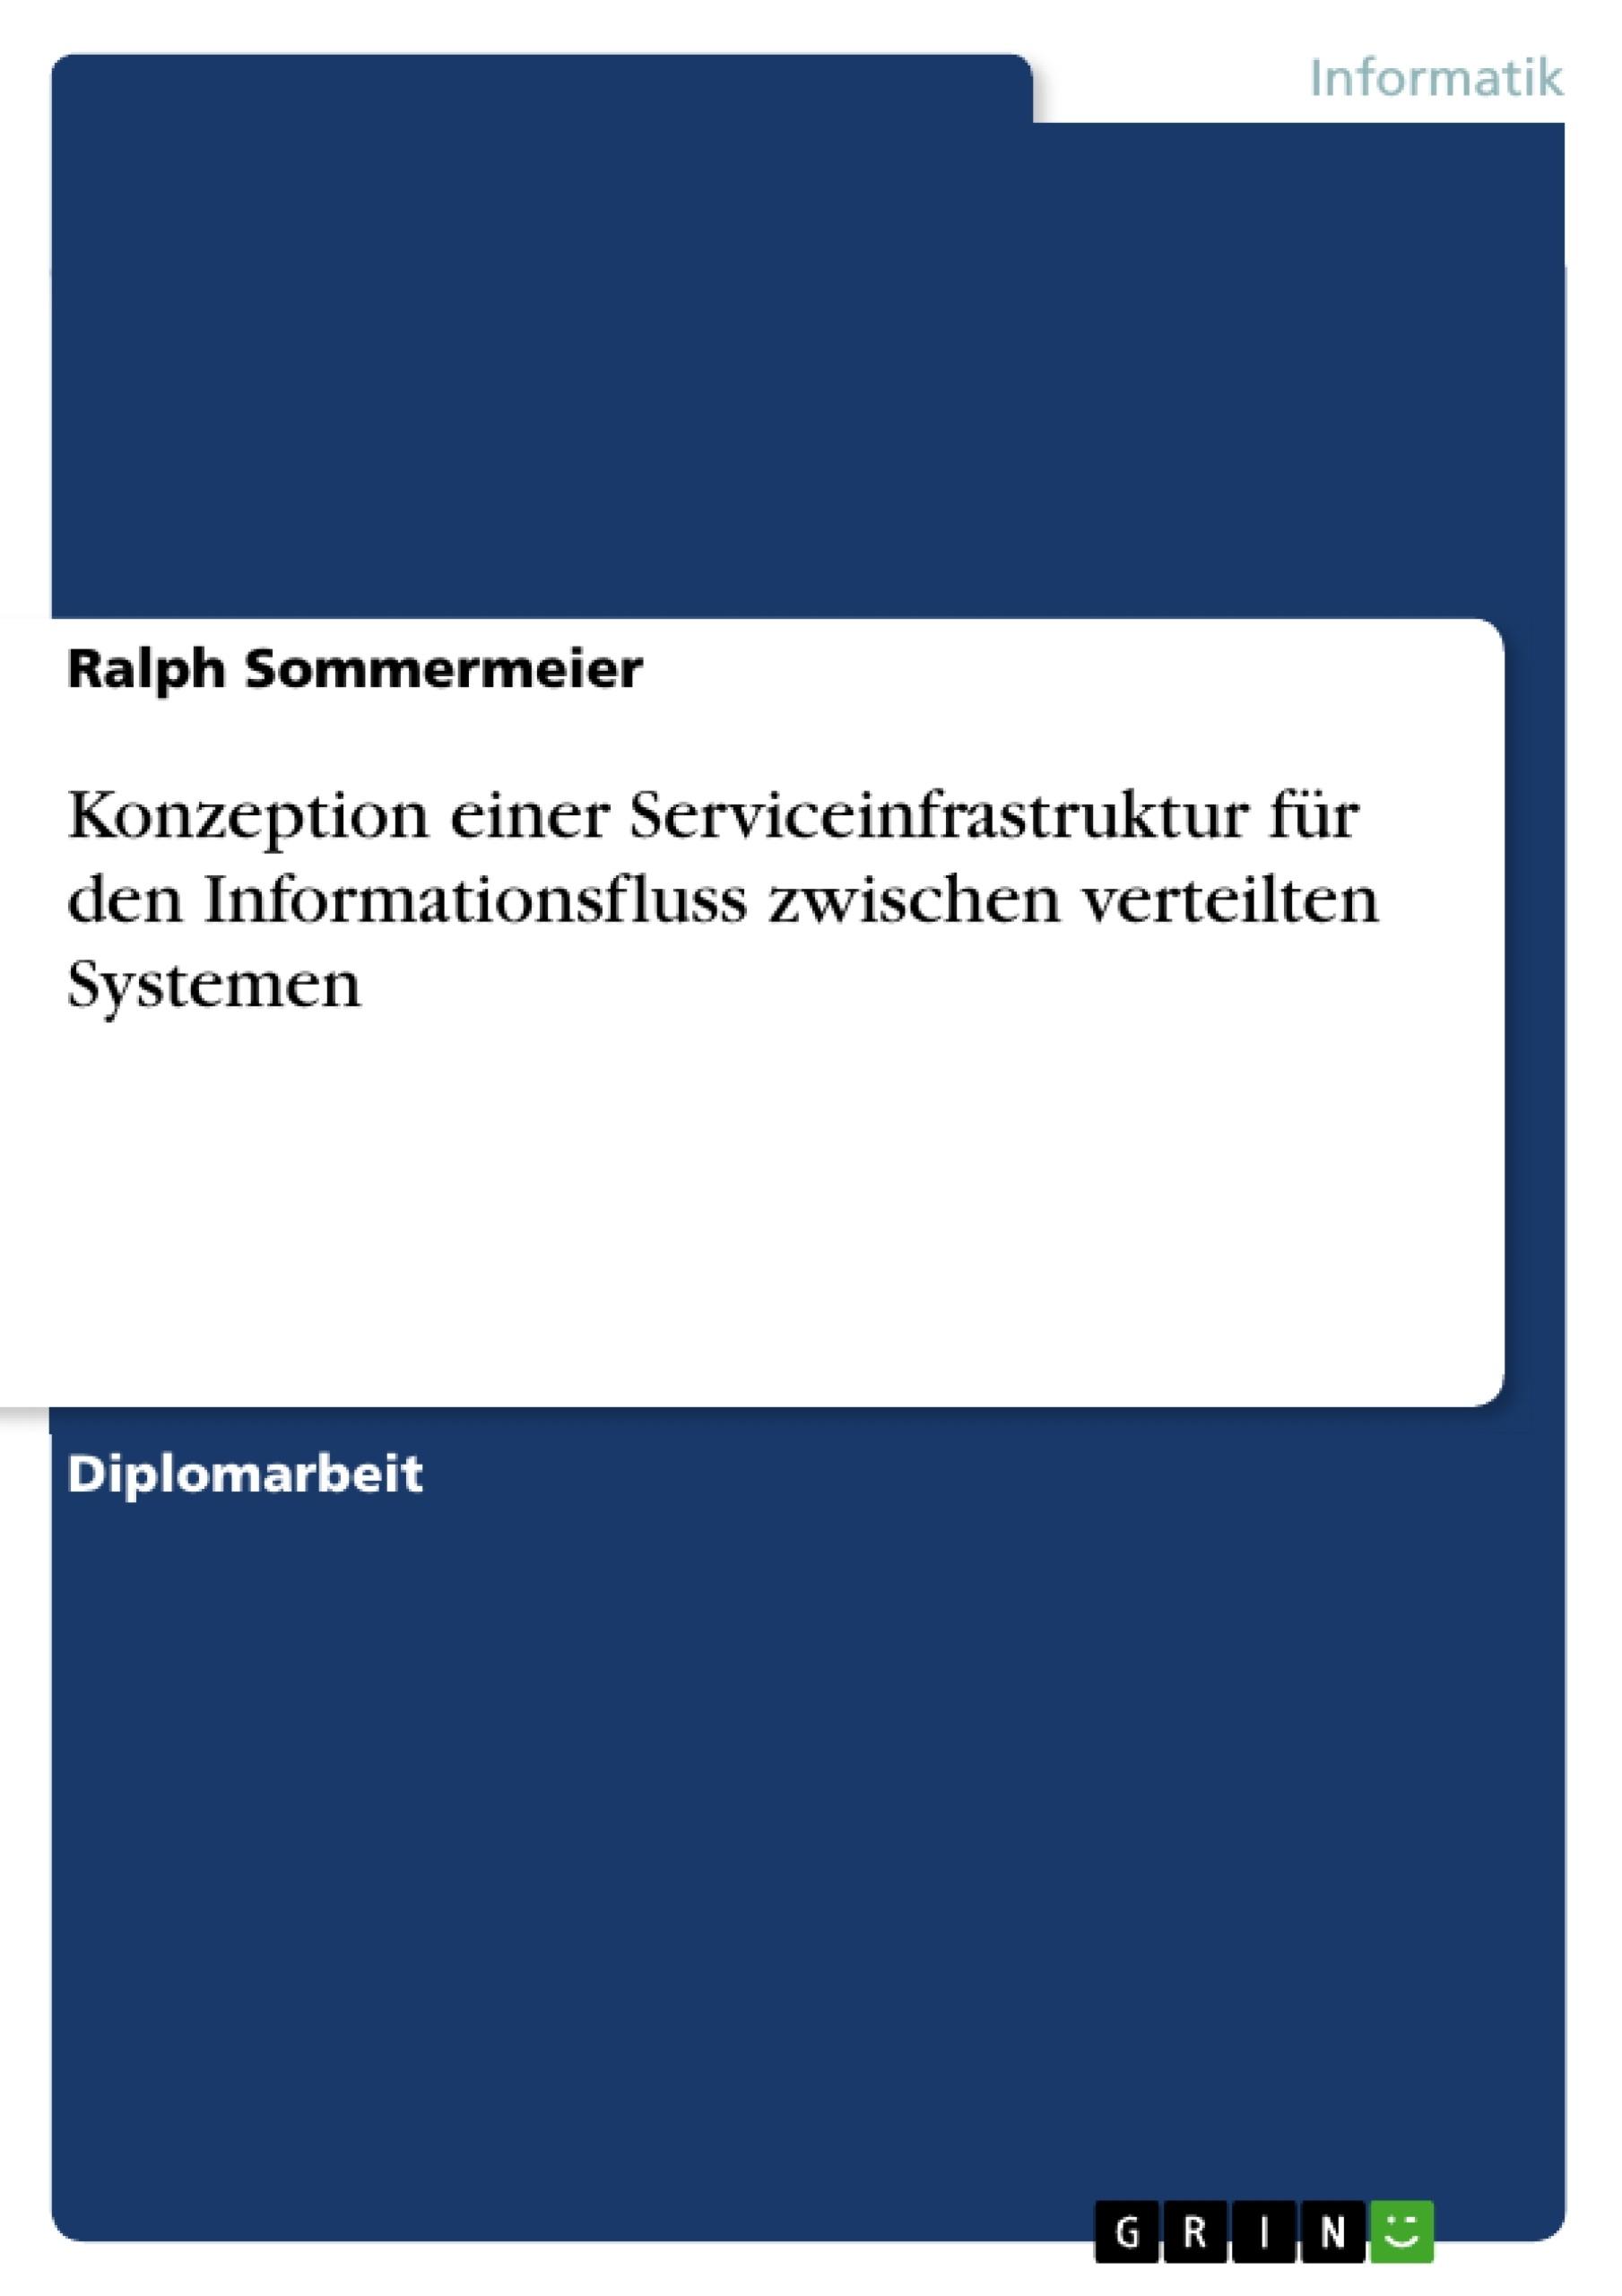 Titel: Konzeption einer Serviceinfrastruktur für den Informationsfluss zwischen verteilten Systemen